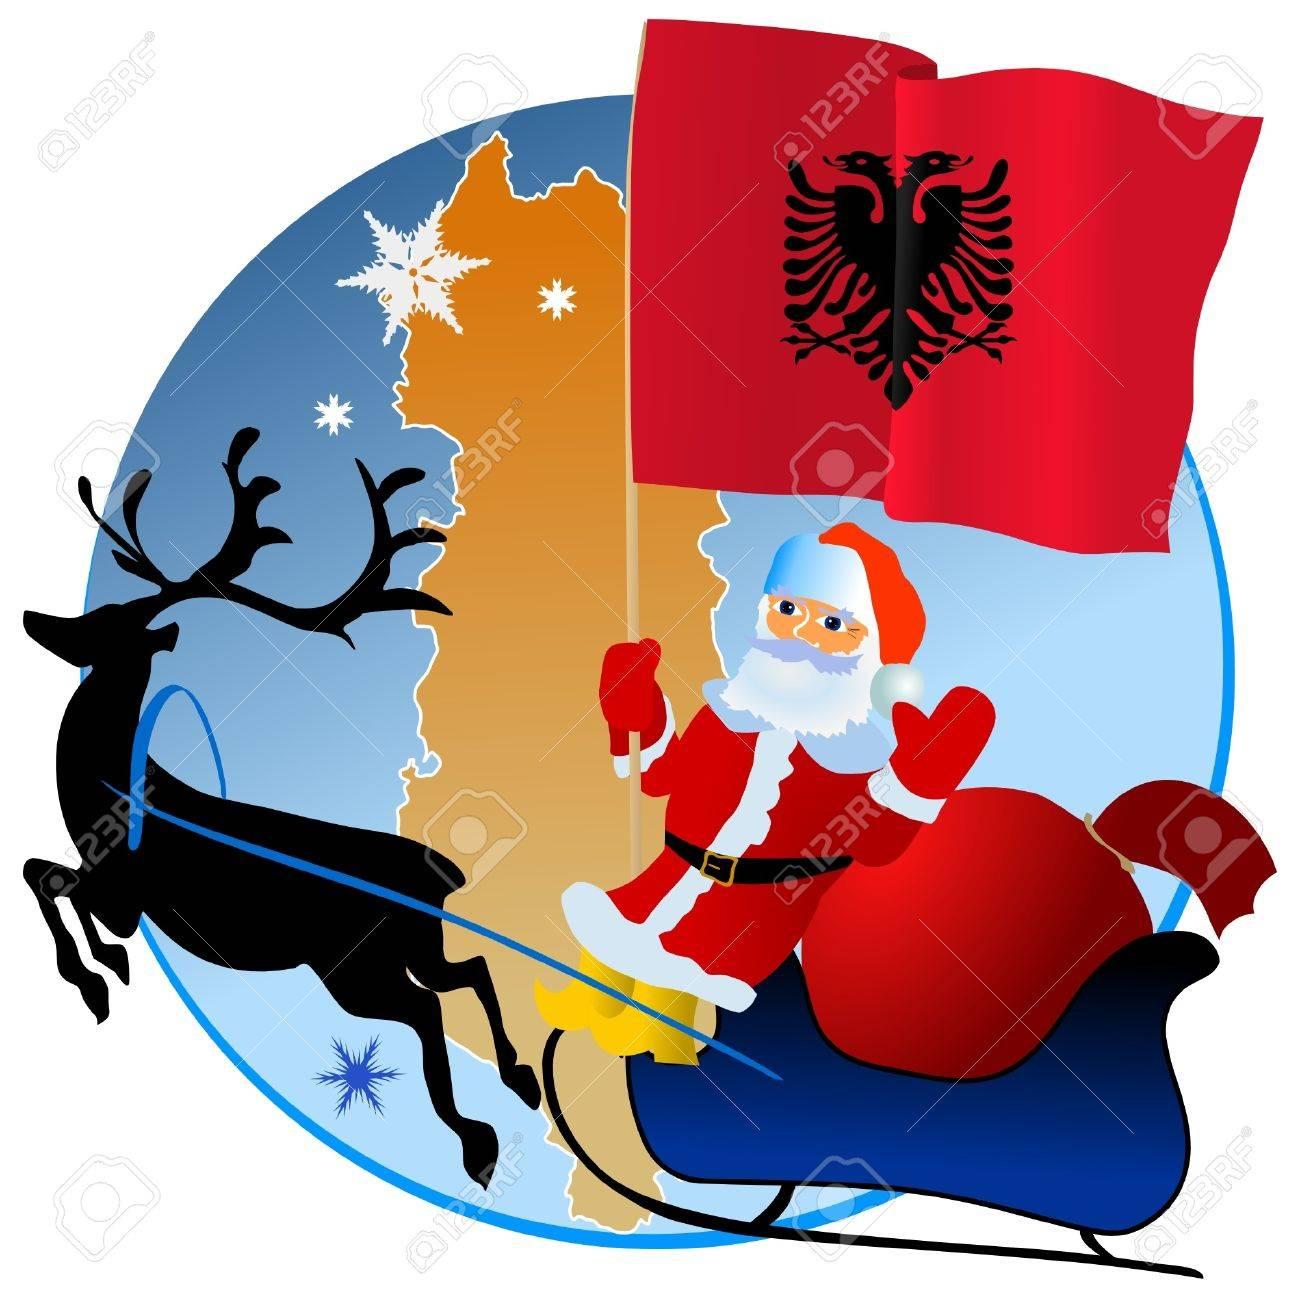 Frasi di buon natale in albanese